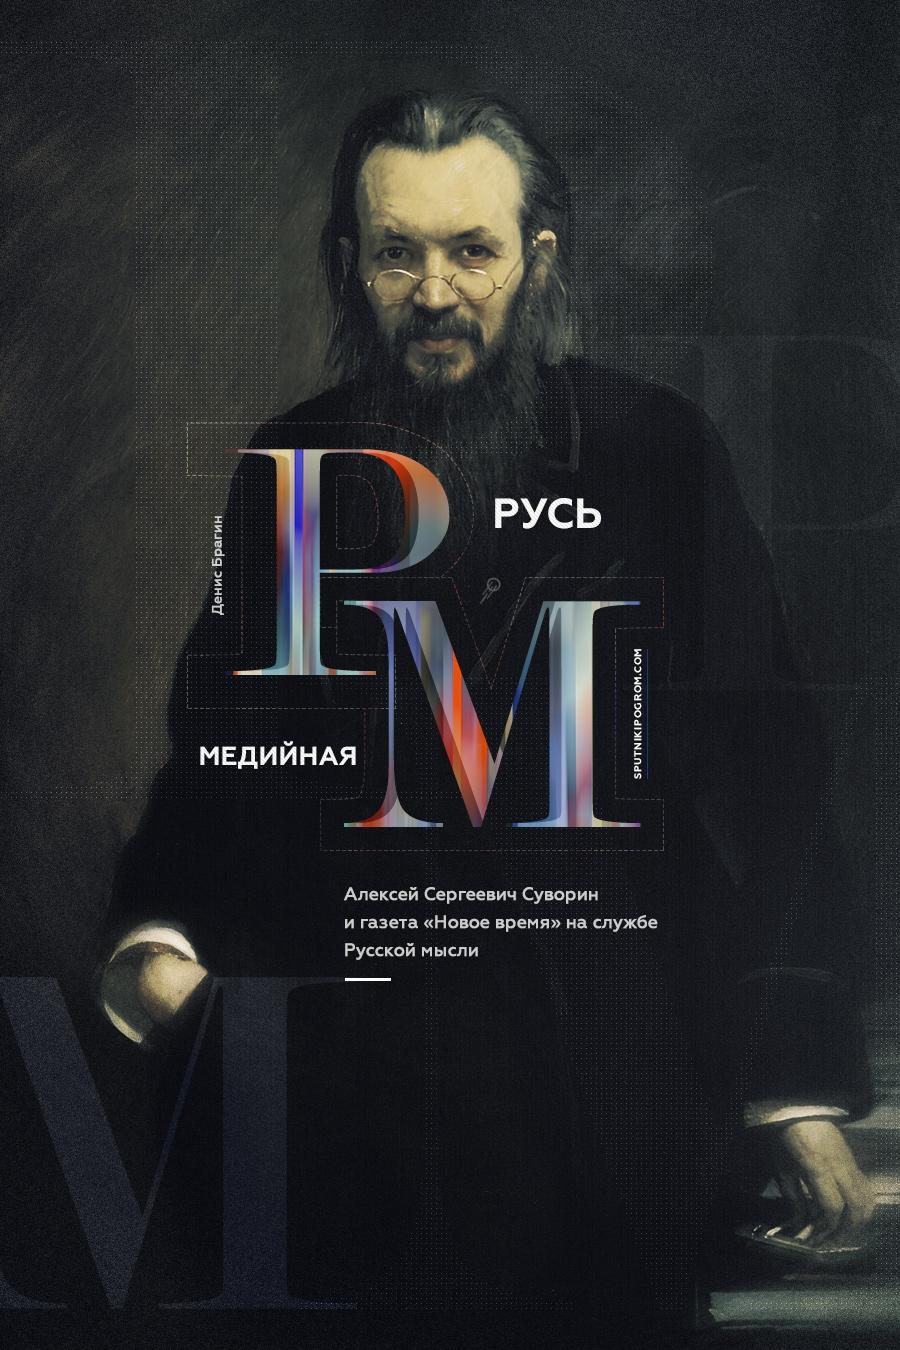 media-rus